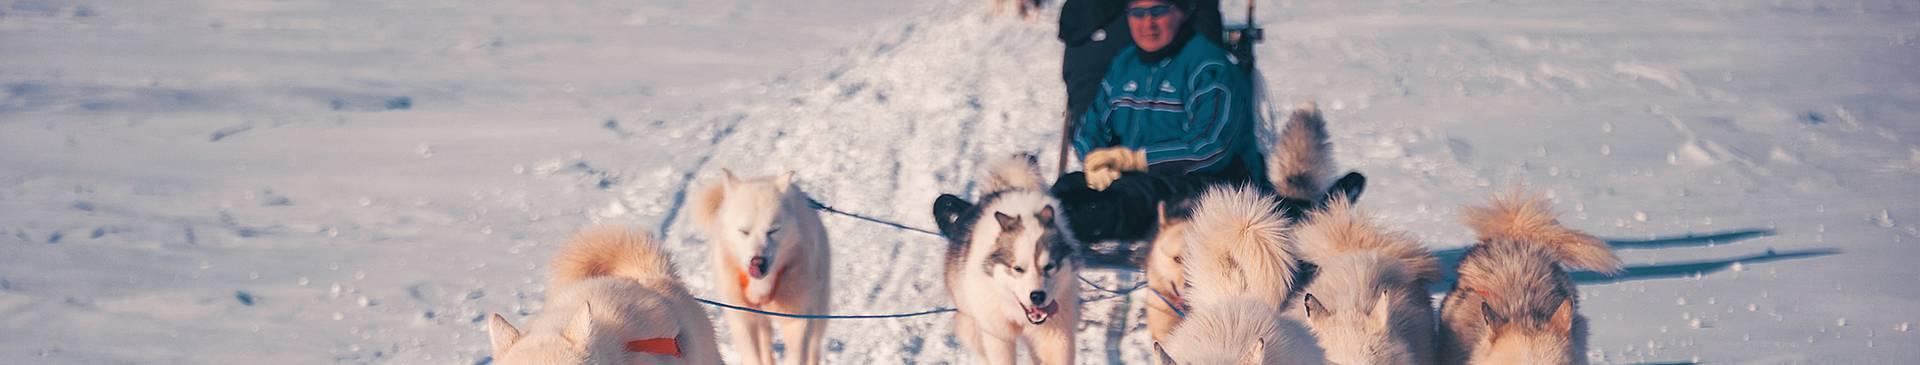 Greenland dog sledding tours